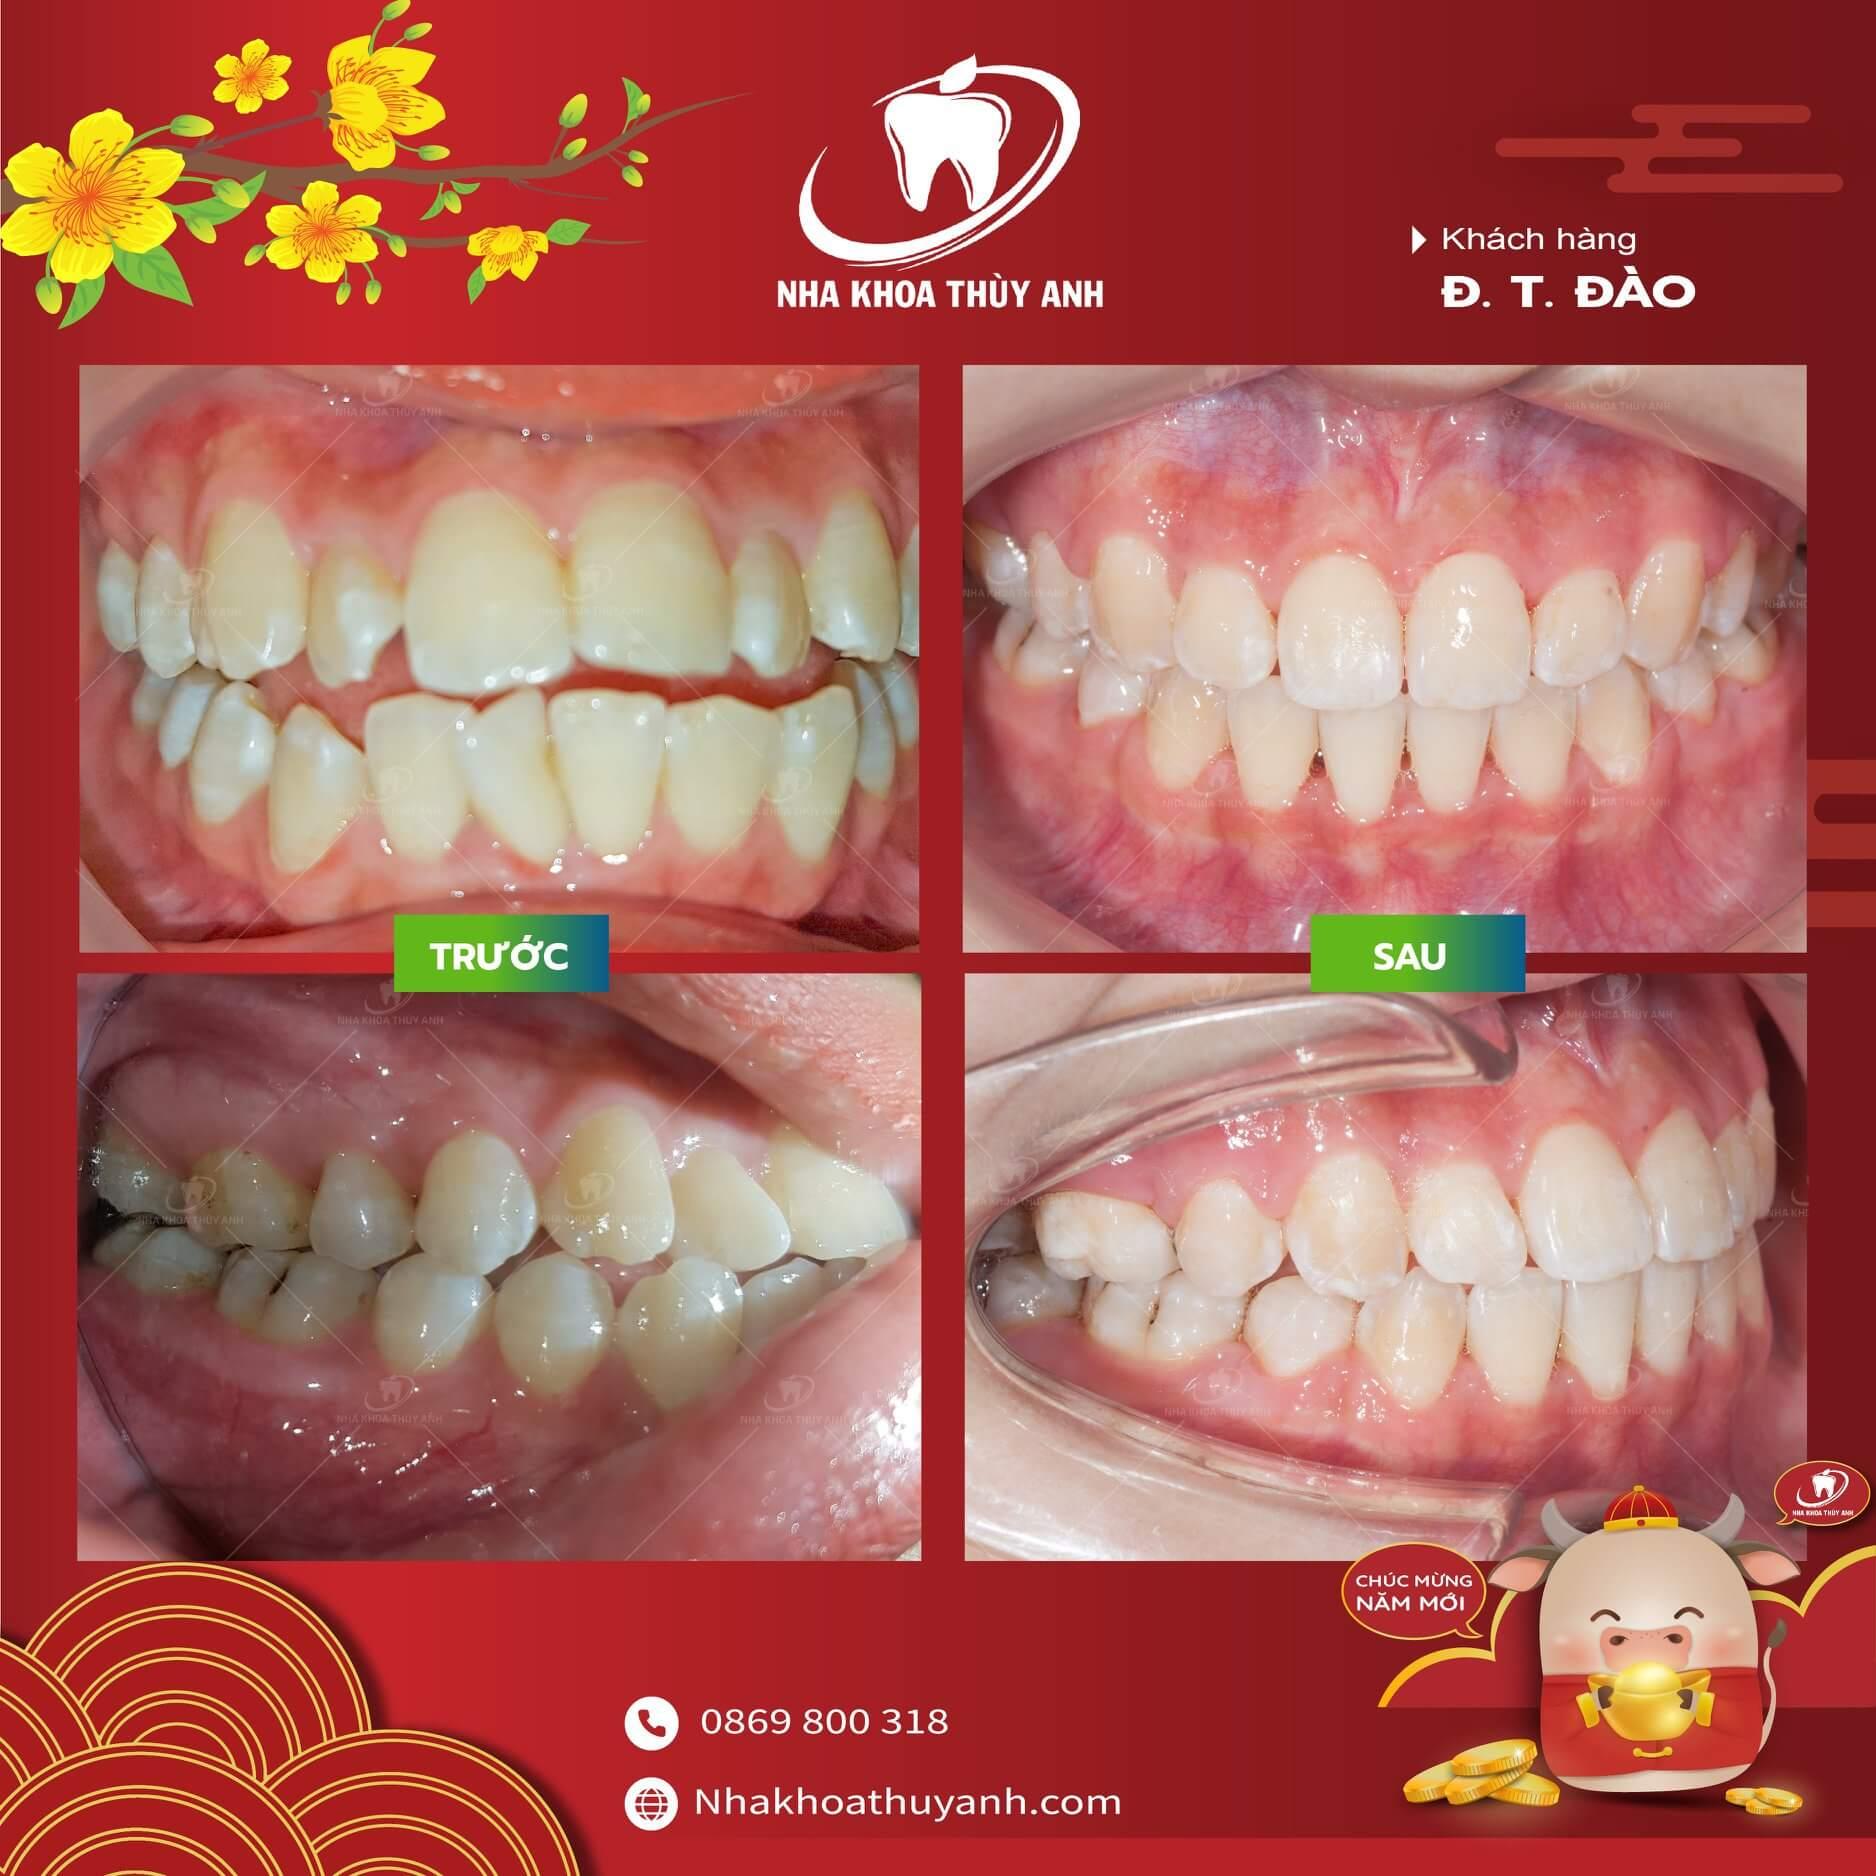 Tại sao răng thường mọc lệch lạc? Chữa bằng cách nào?